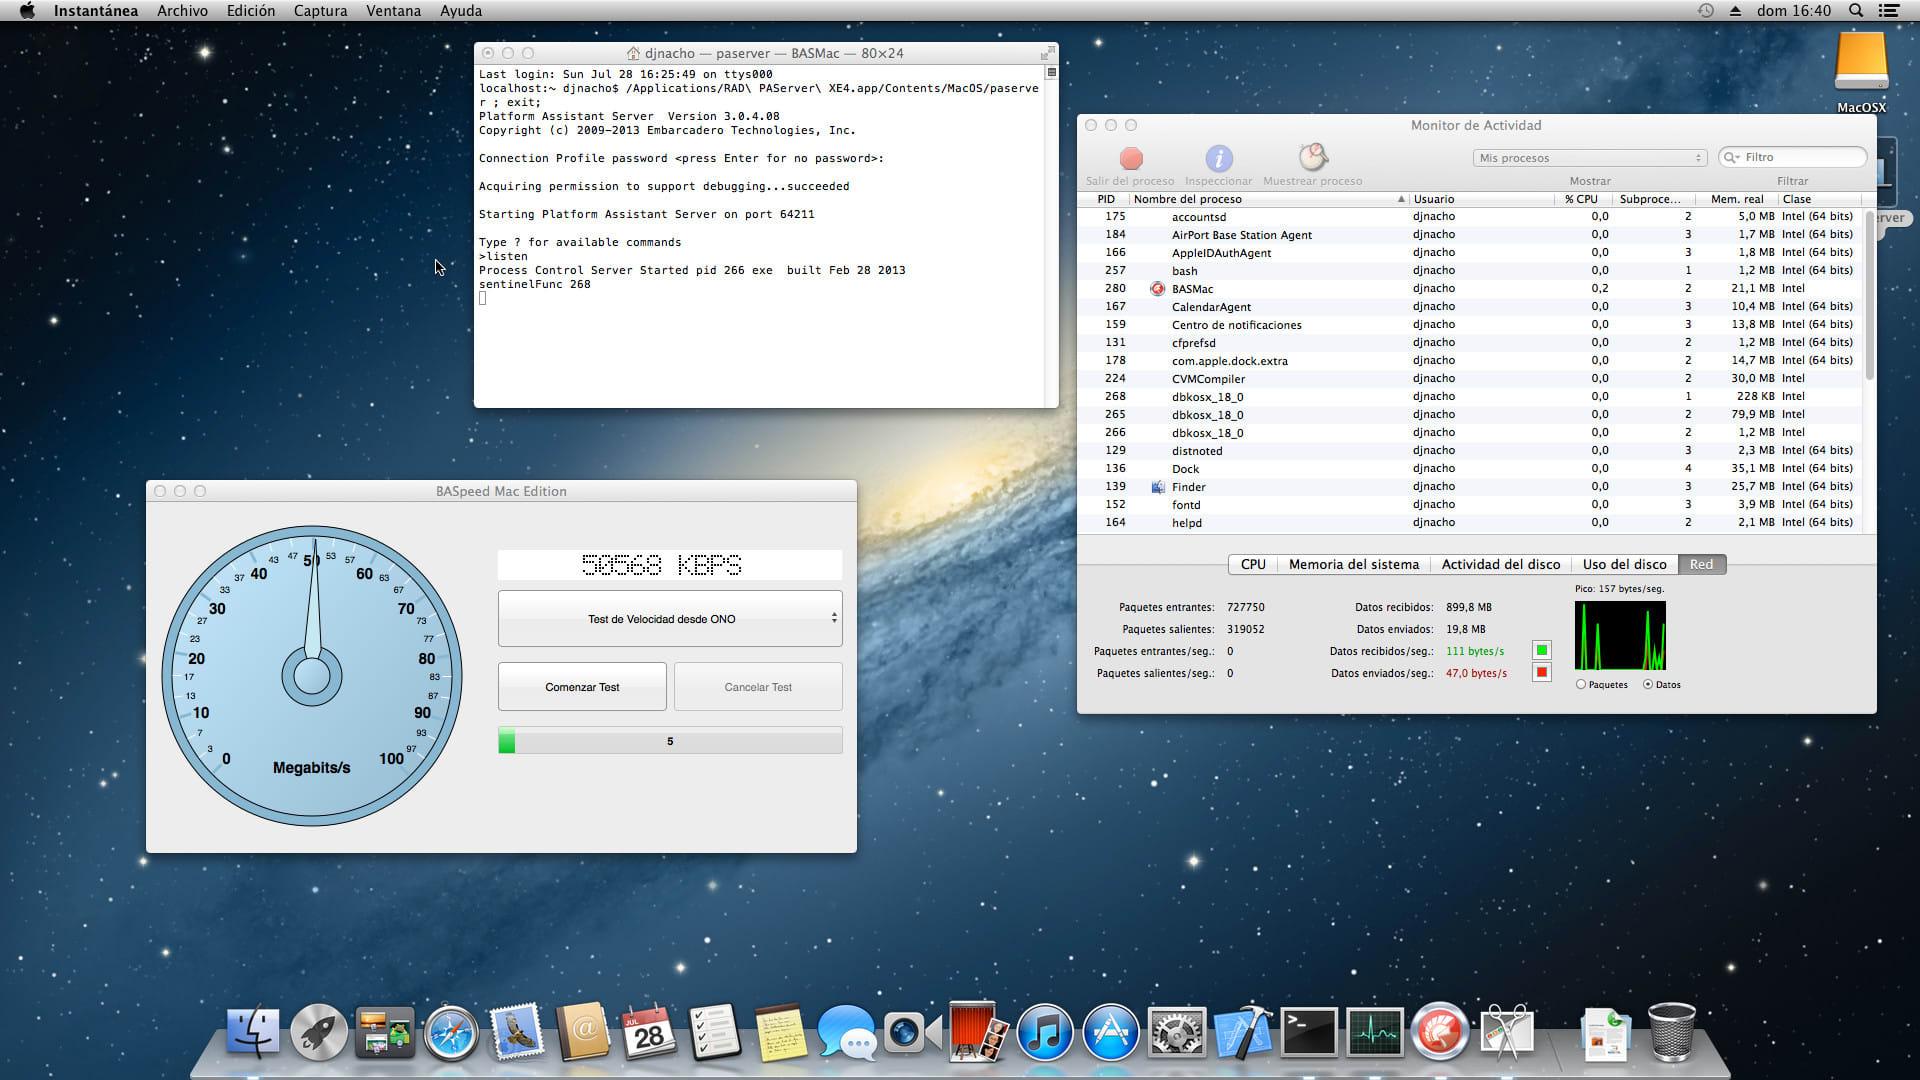 BASpeed Mac OS X Edition